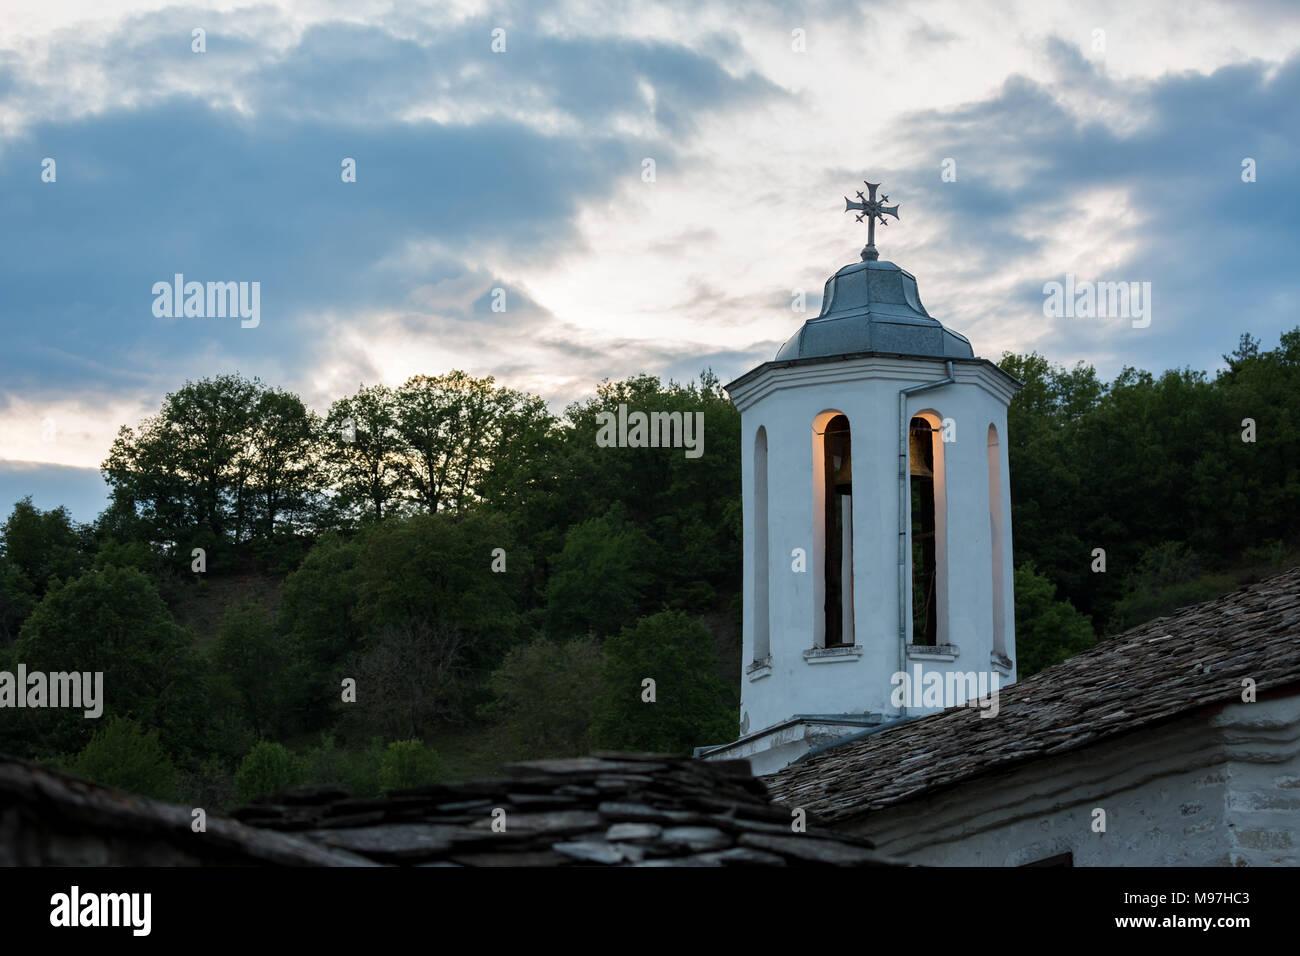 Beleuchtete Kuppel der orthodoxen Kirche mit verzierten Kreuz und Messing Glocke am Abend, Dorf Dolen bis, Rhodopen Gebirge, Bulgarien mit bewölktem Himmel Hintergrund Stockfoto